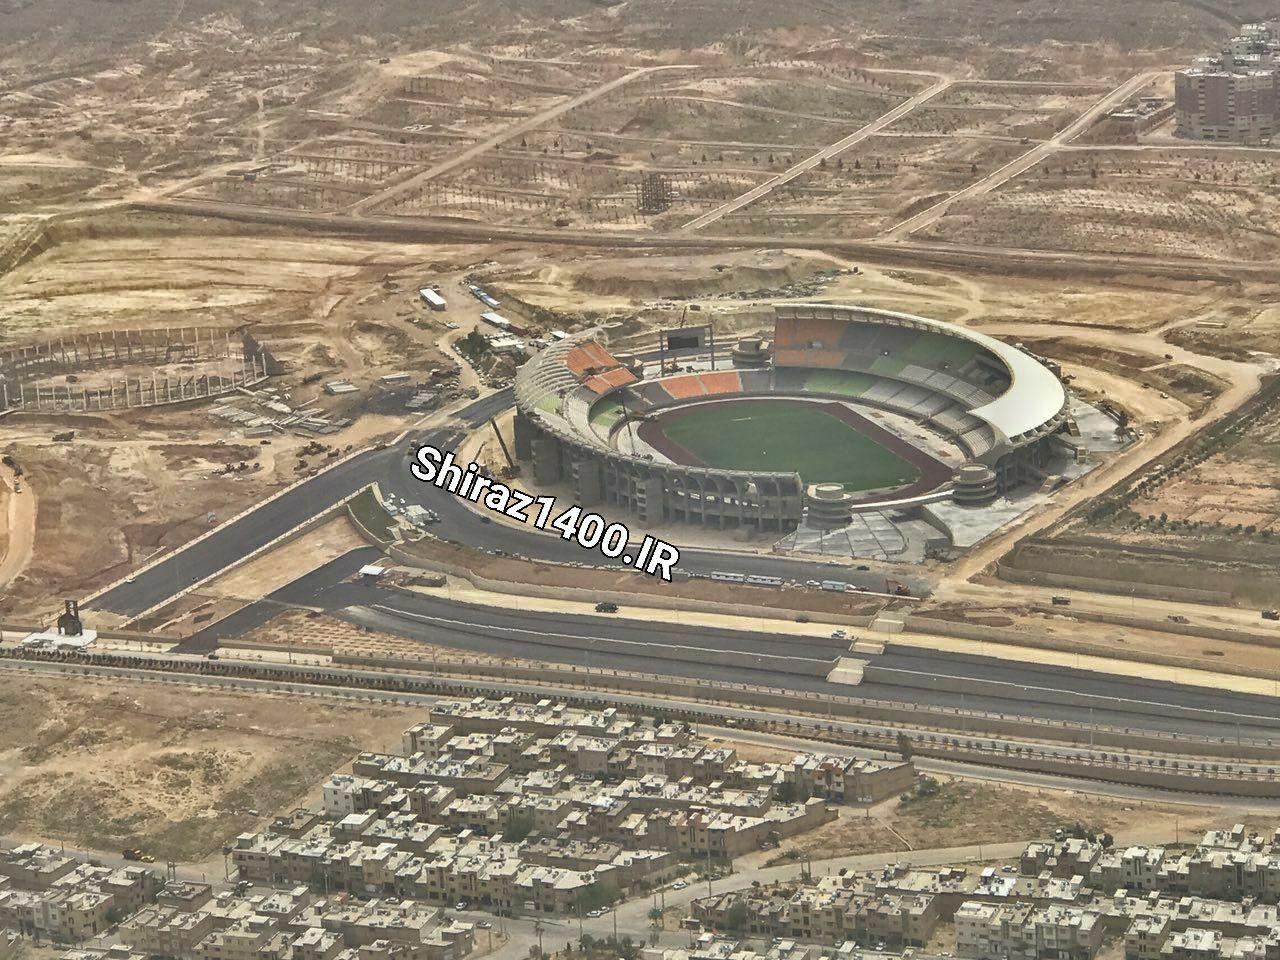 تصویر هوایی از استادیوم ۵۰ هزار نفری پارس شیراز